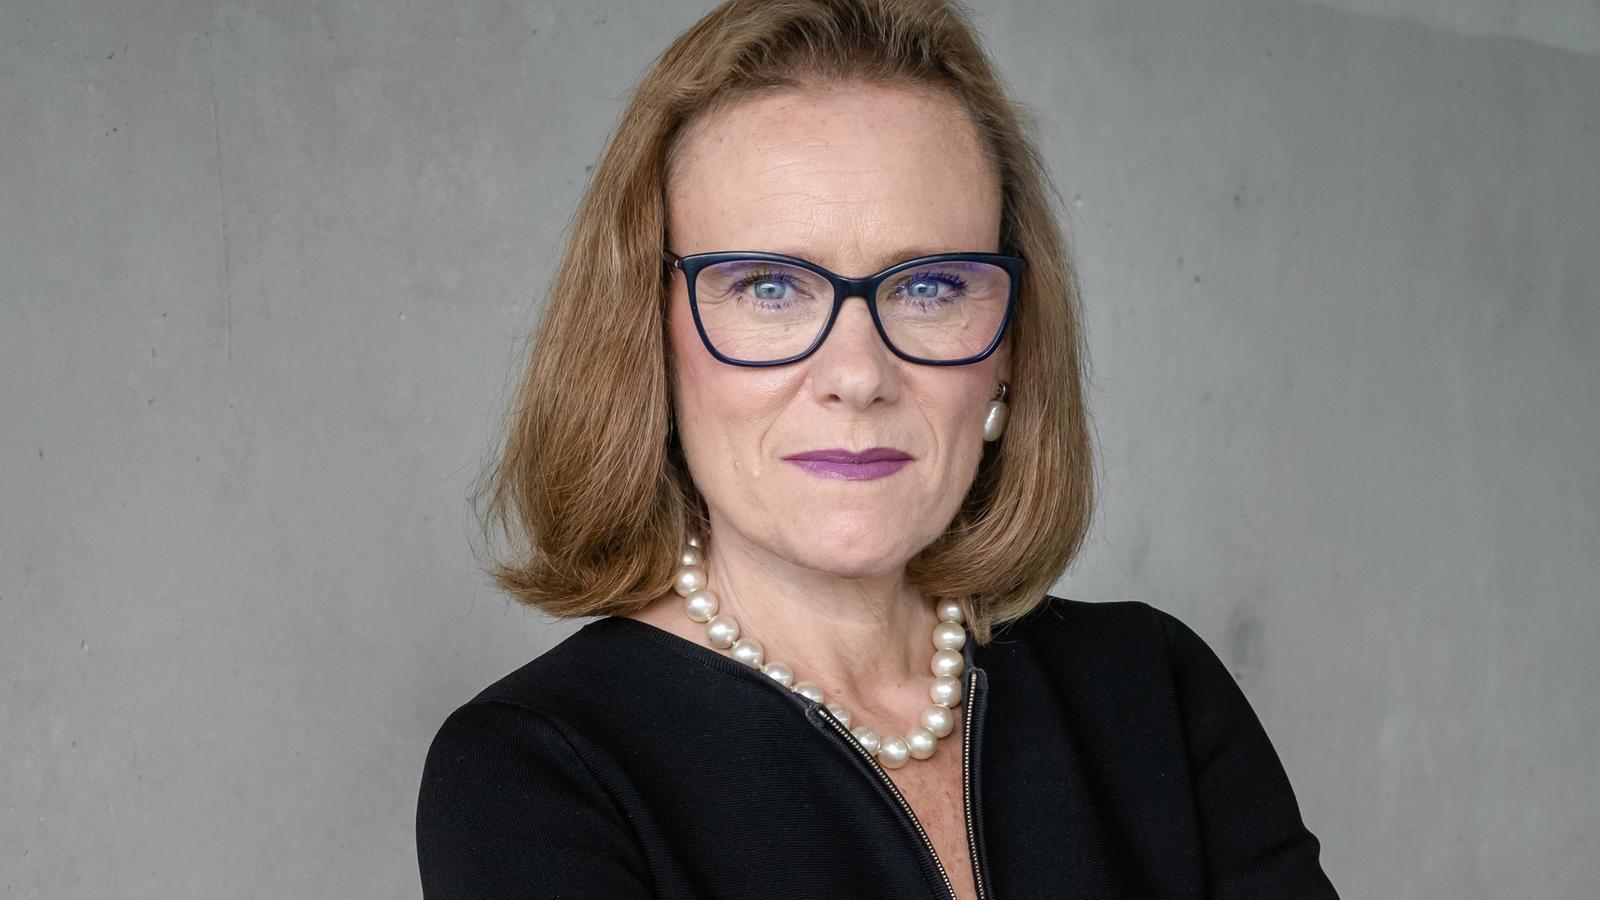 Bélen Garijo ist die neue Chefin des Pharma-Riesen Merck.